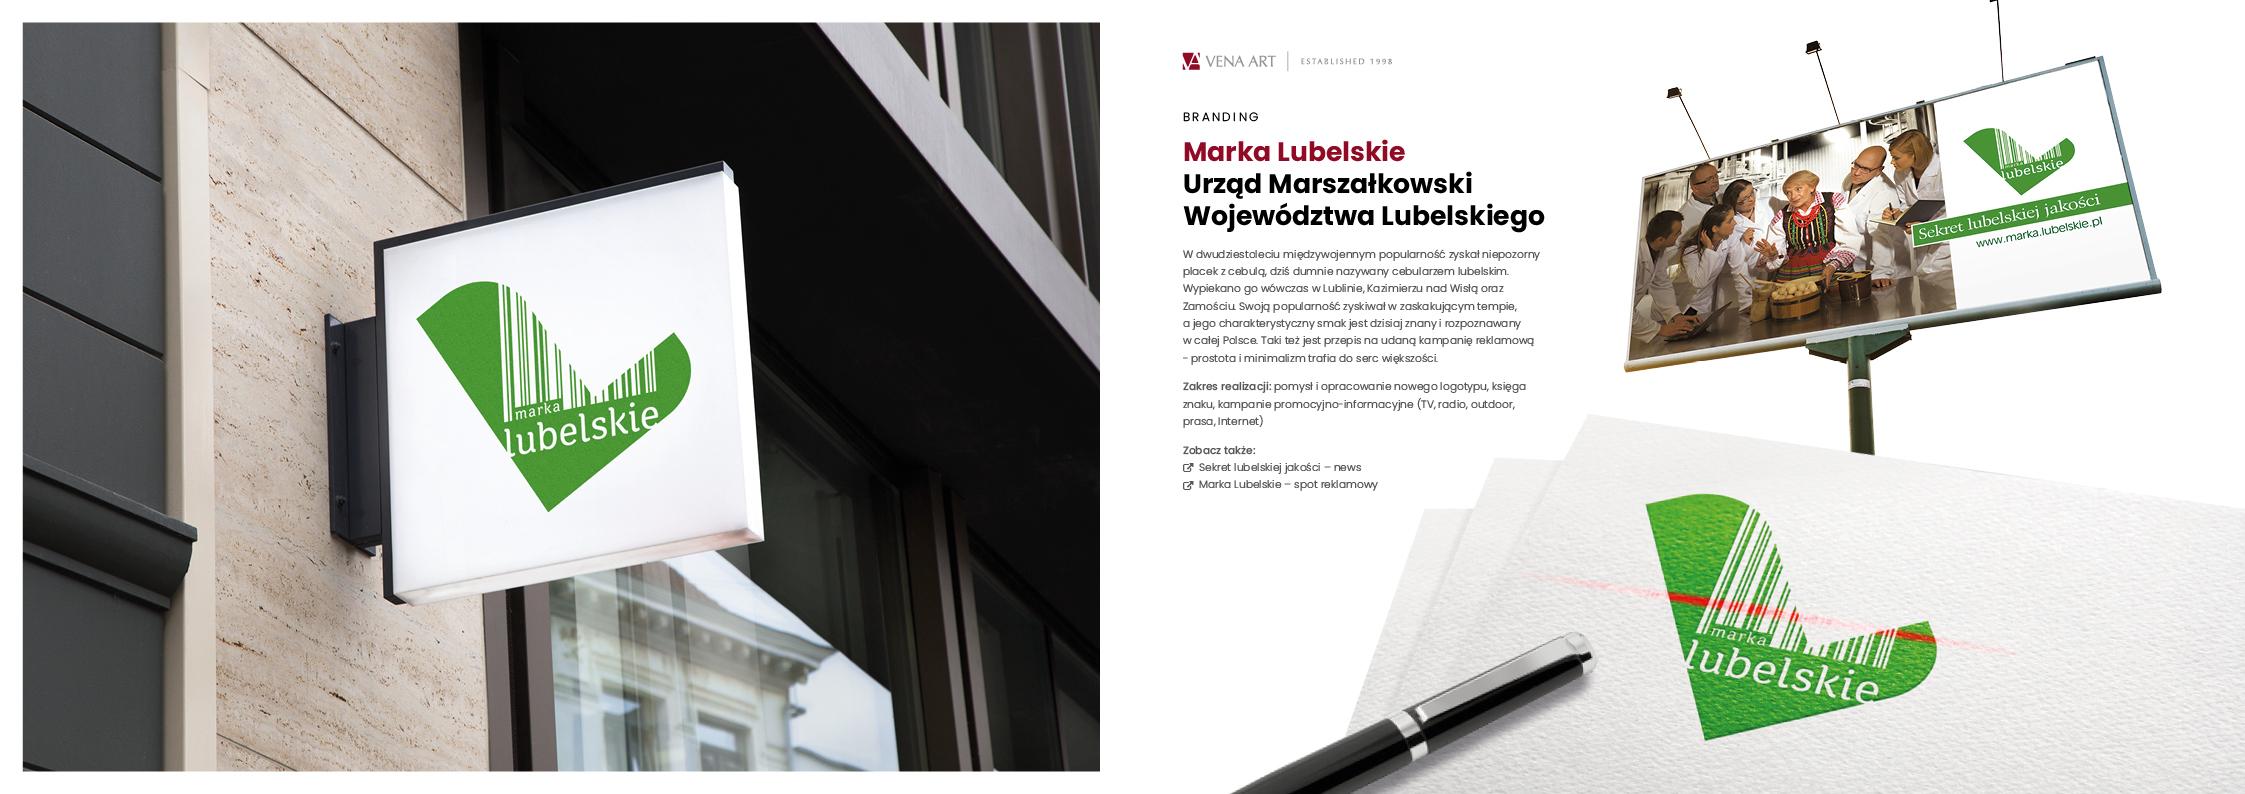 Marka Lubelskie —Urząd Marszałkowski Województwa Lubelskiego